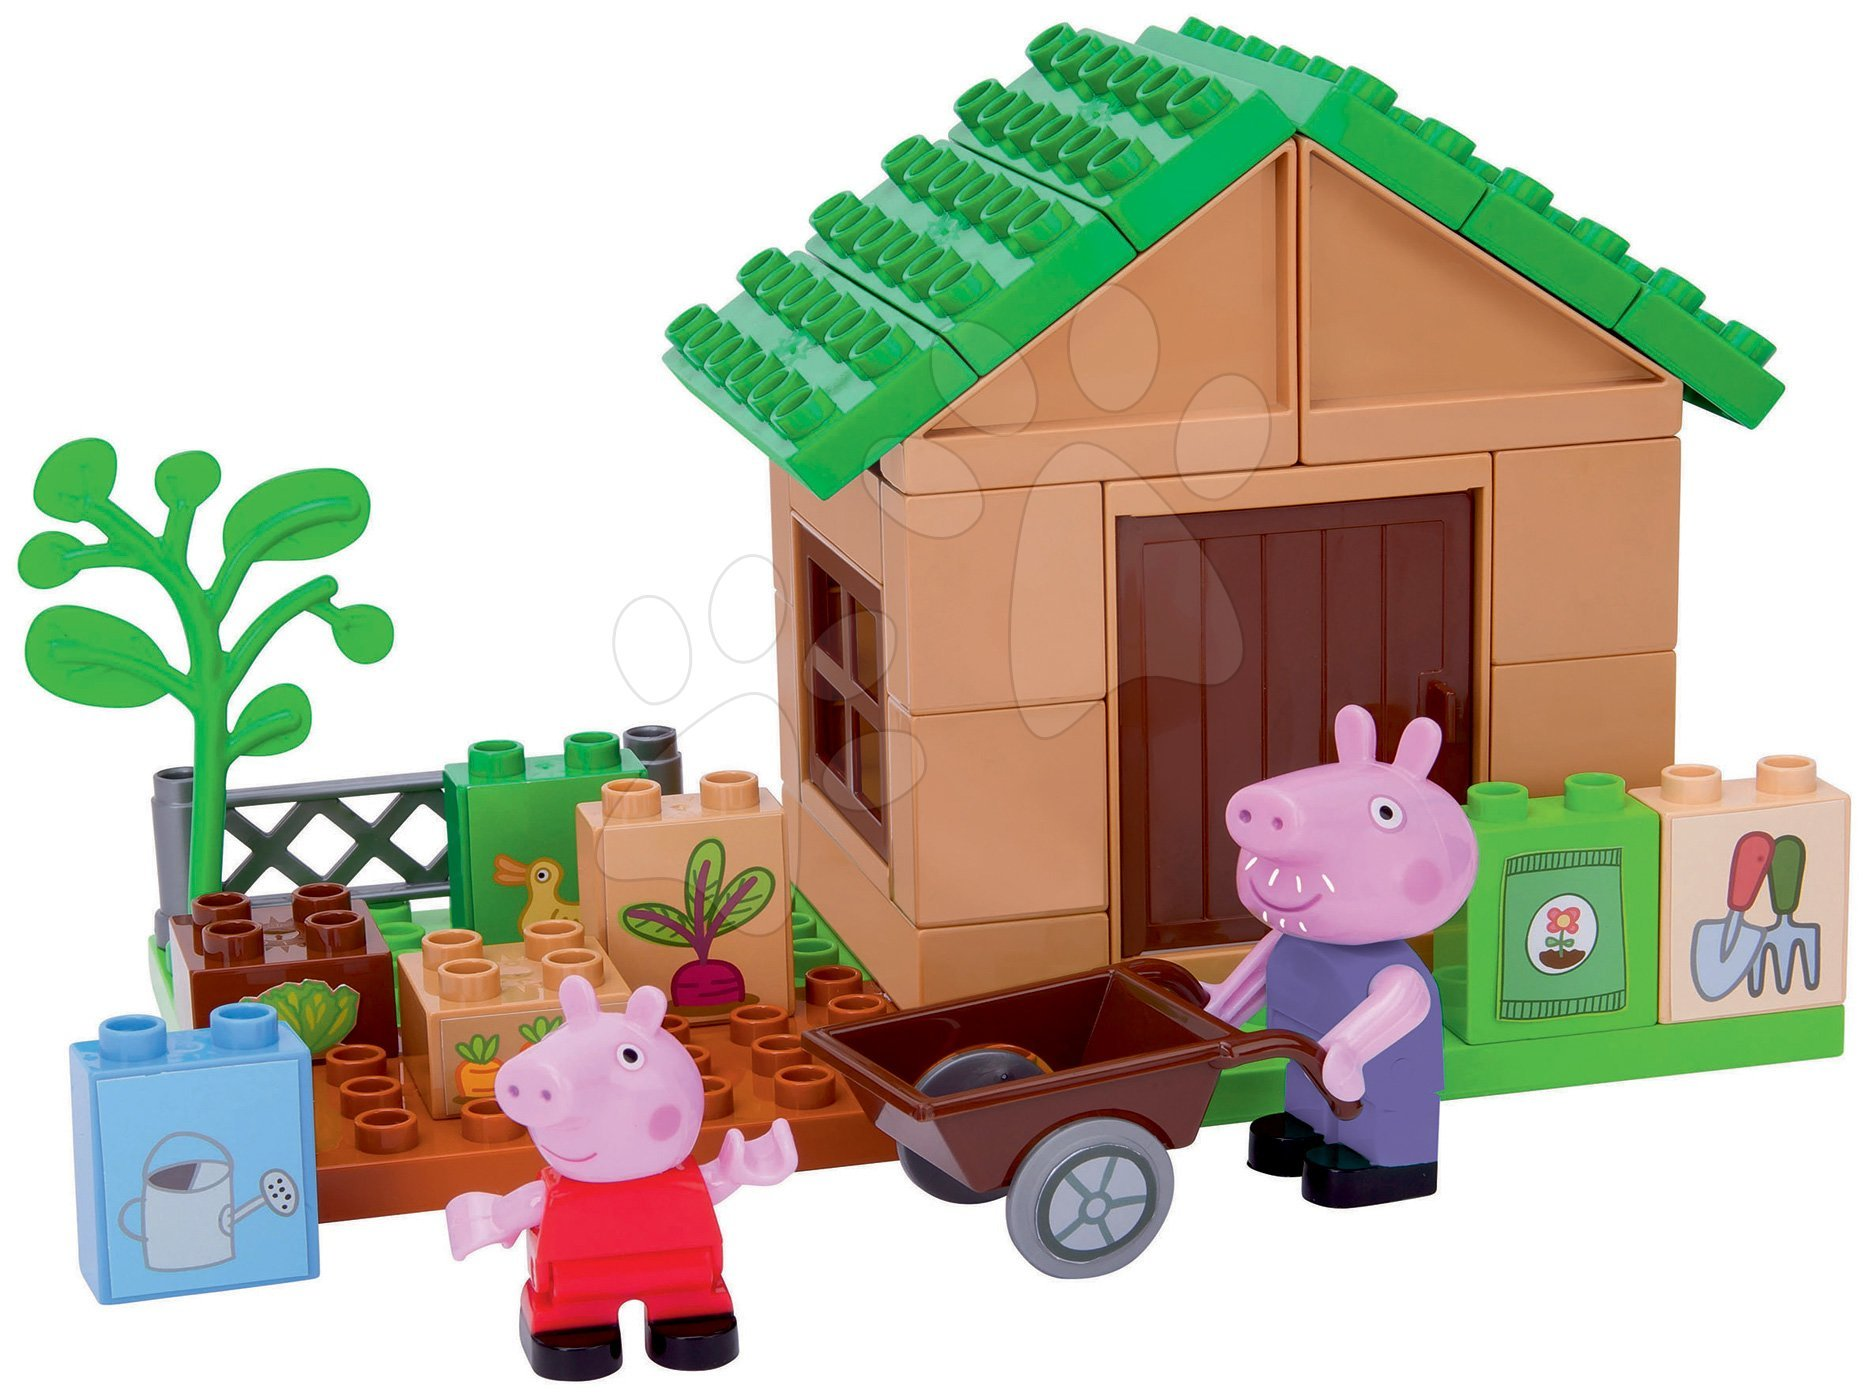 Stavebnice Peppa Pig na zahradě PlayBIG Bloxx BIG 41 dílů a 2 figurky od 1,5-5 let